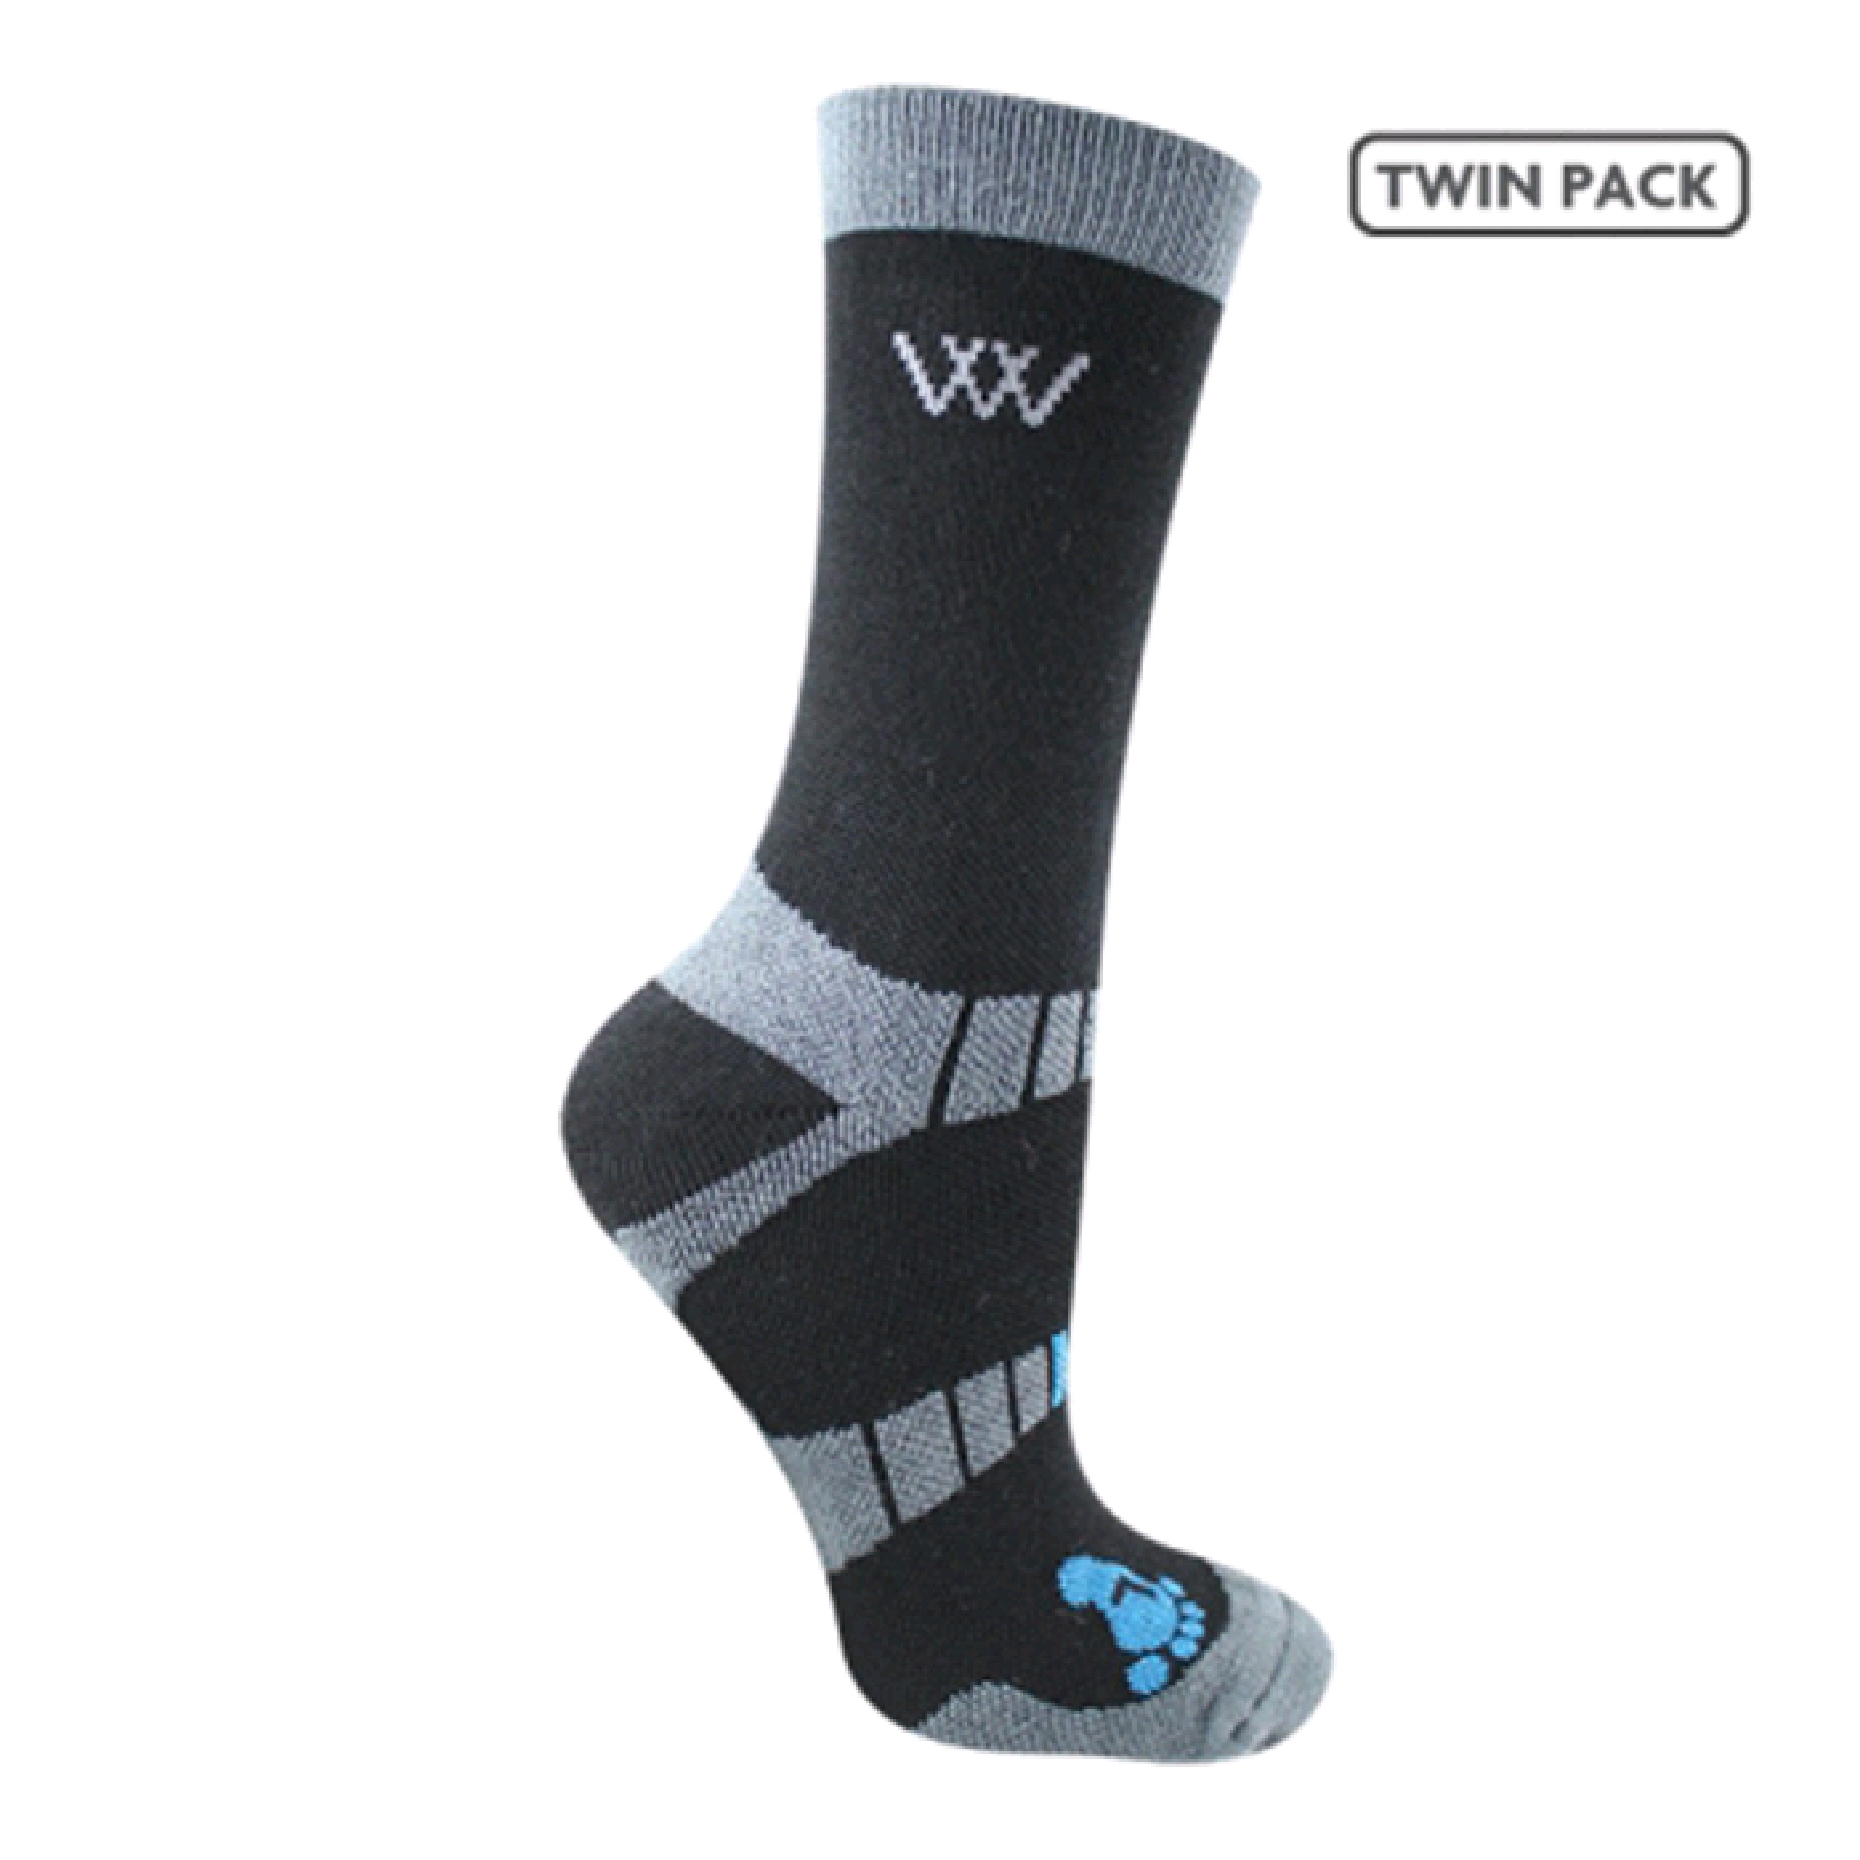 Woofwear waffle knit socks